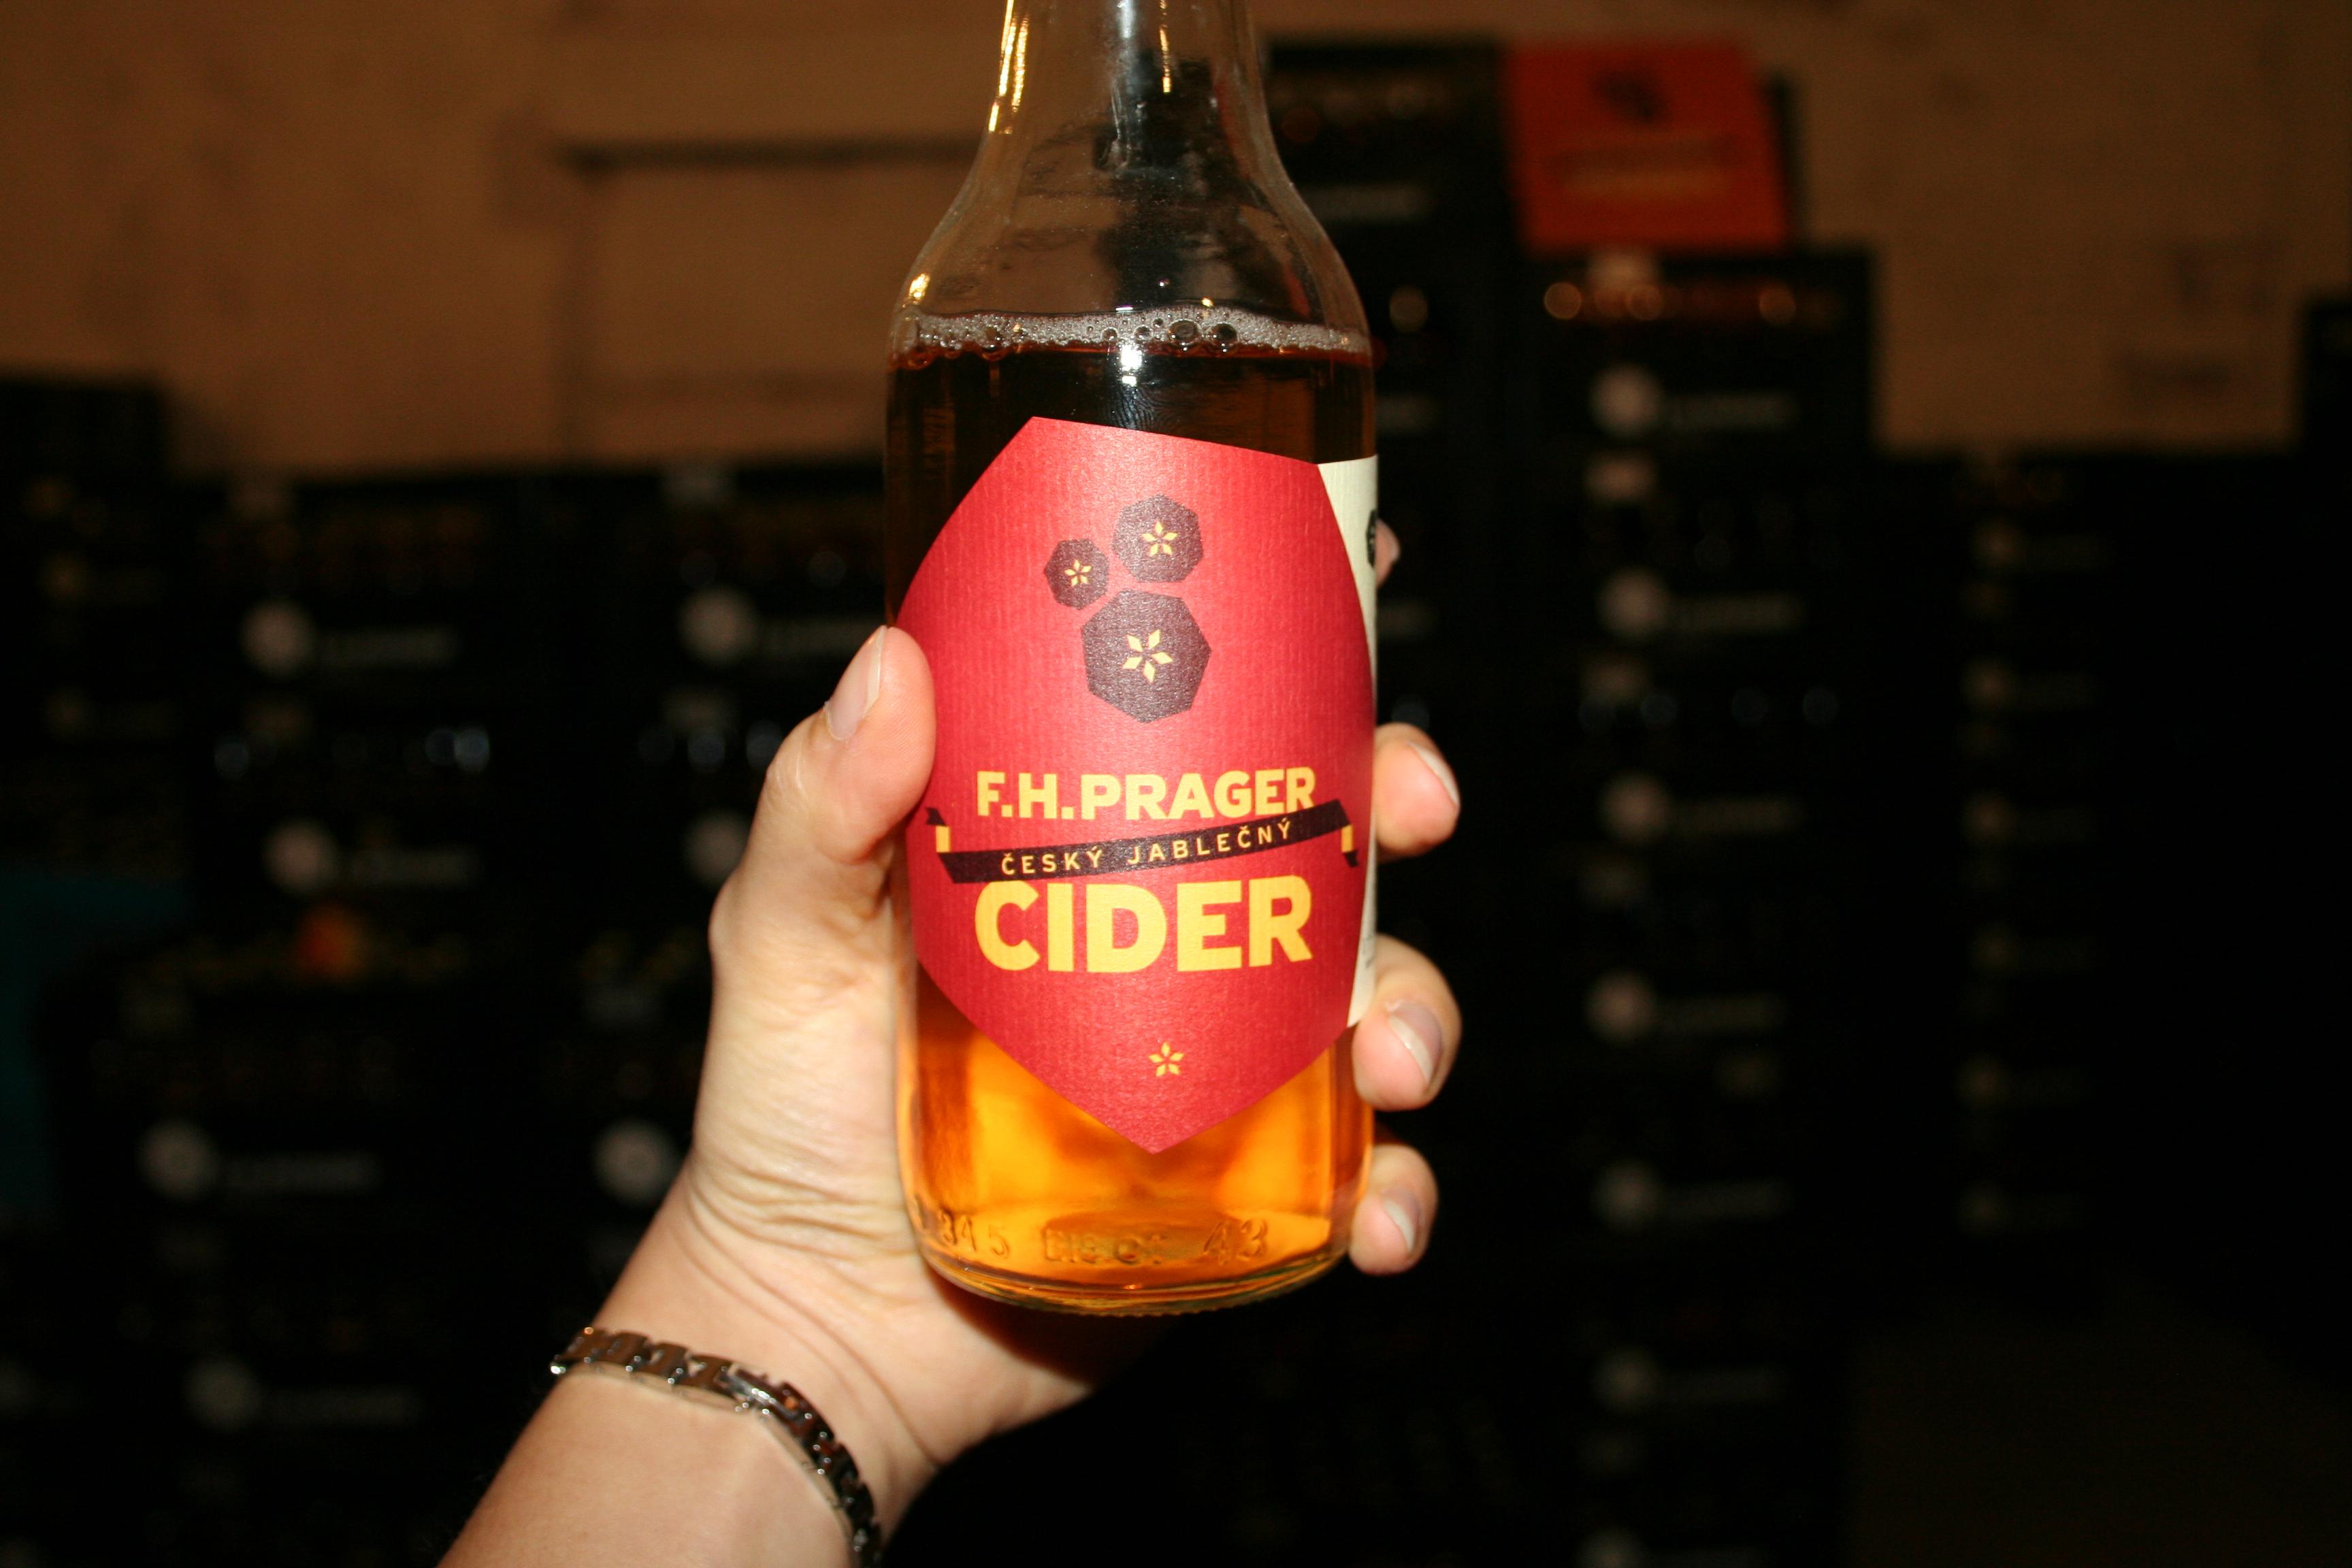 Návštěva F. H. Prager aneb výlet (nejen) za perfektním ciderem